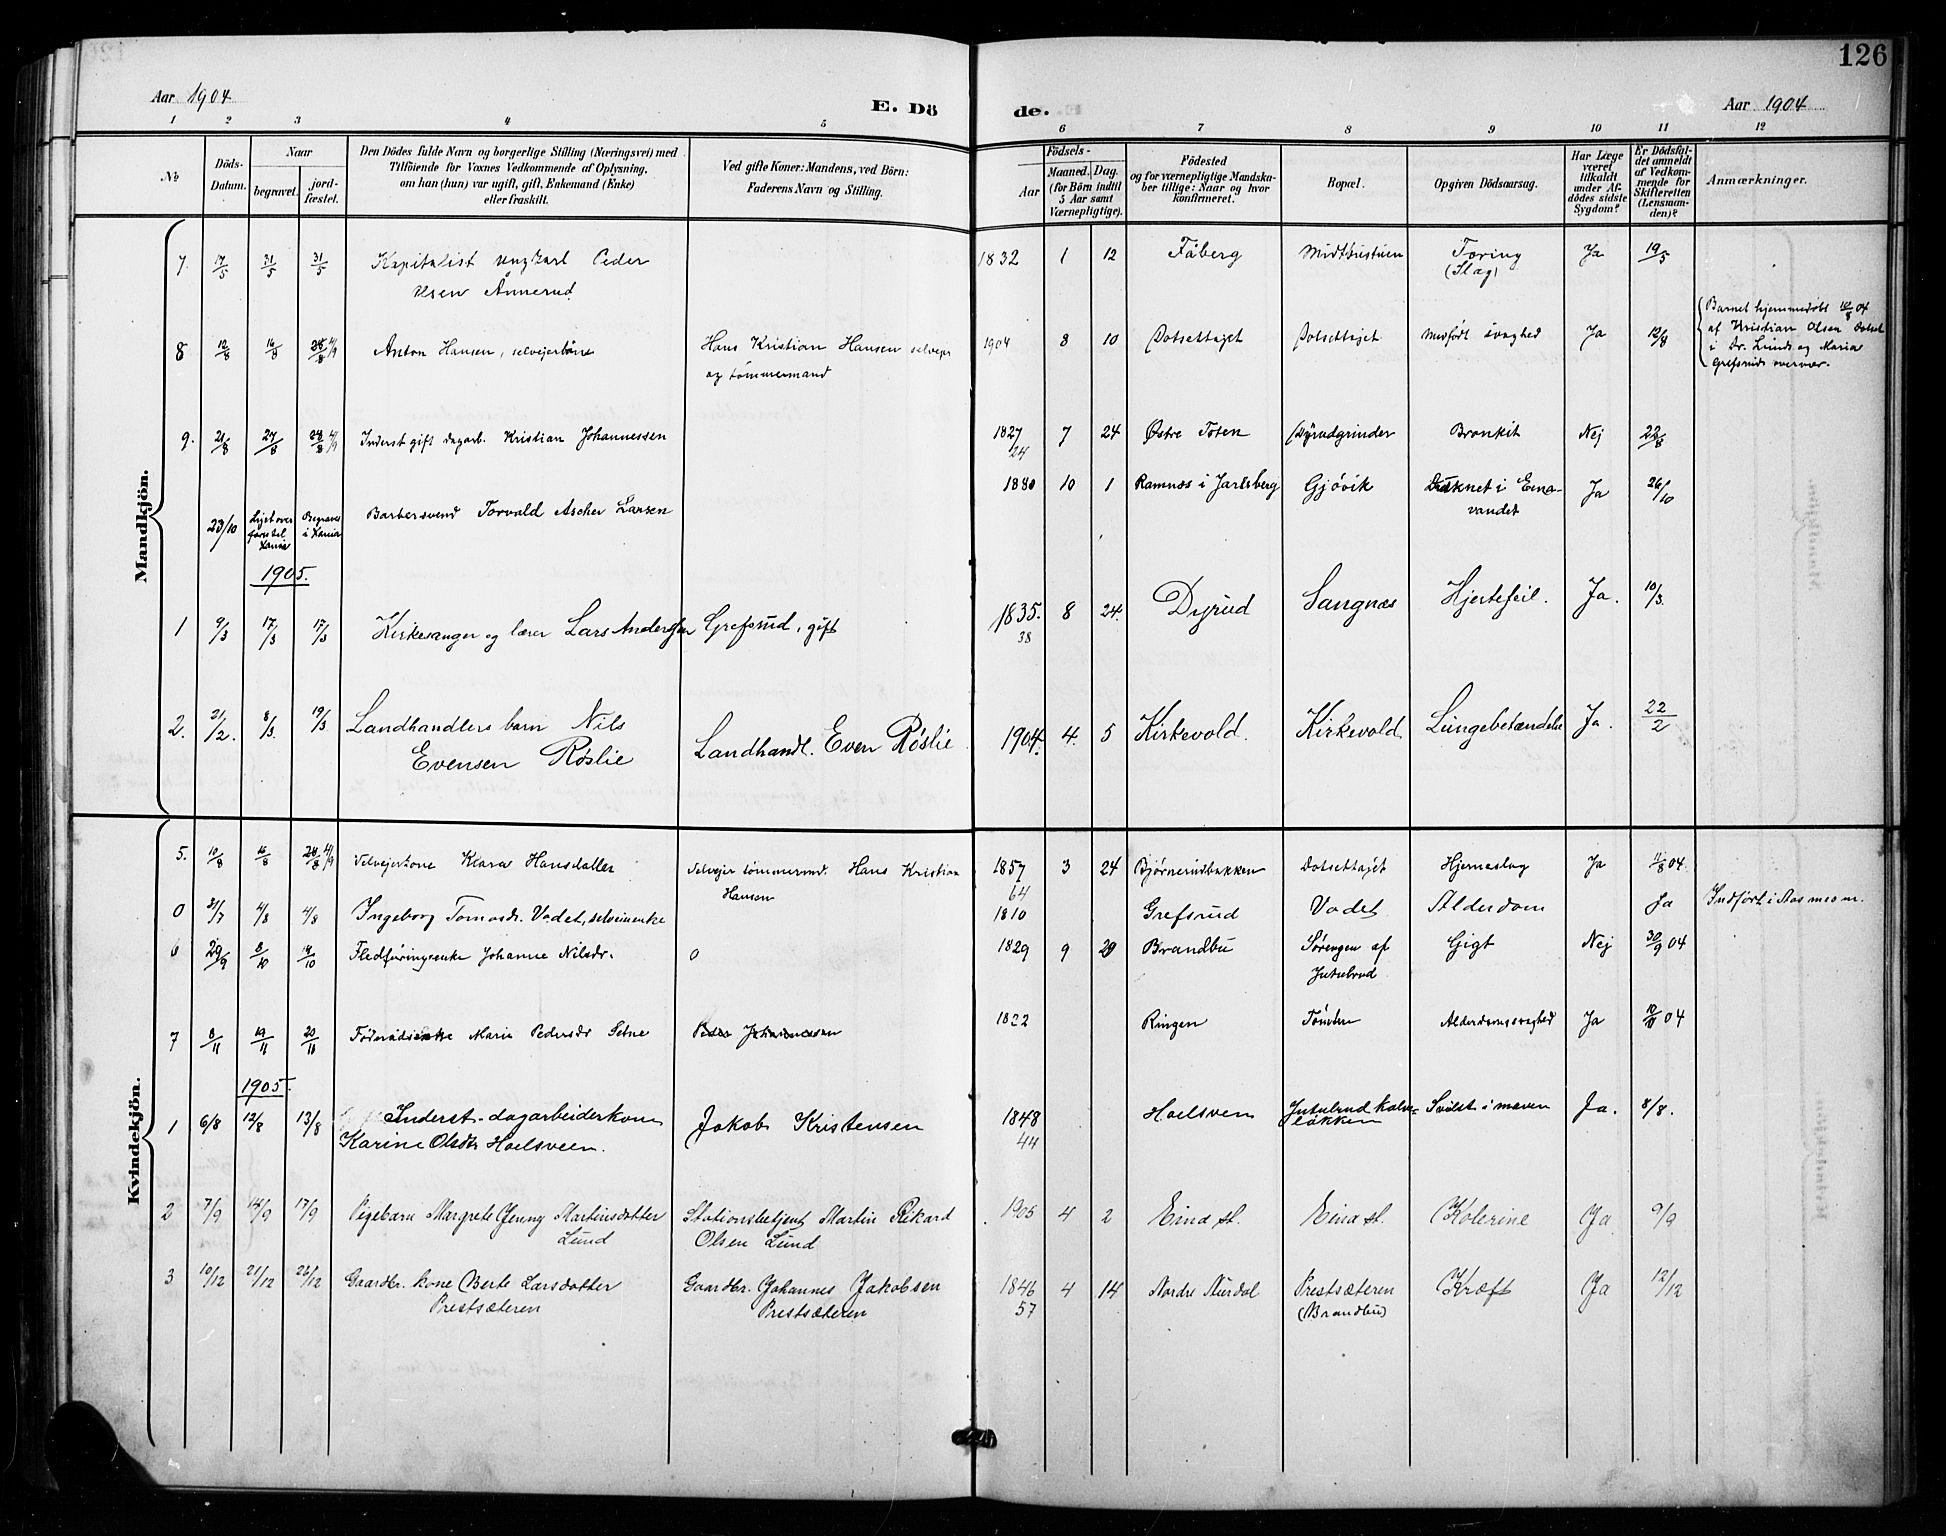 SAH, Vestre Toten prestekontor, Klokkerbok nr. 16, 1901-1915, s. 126